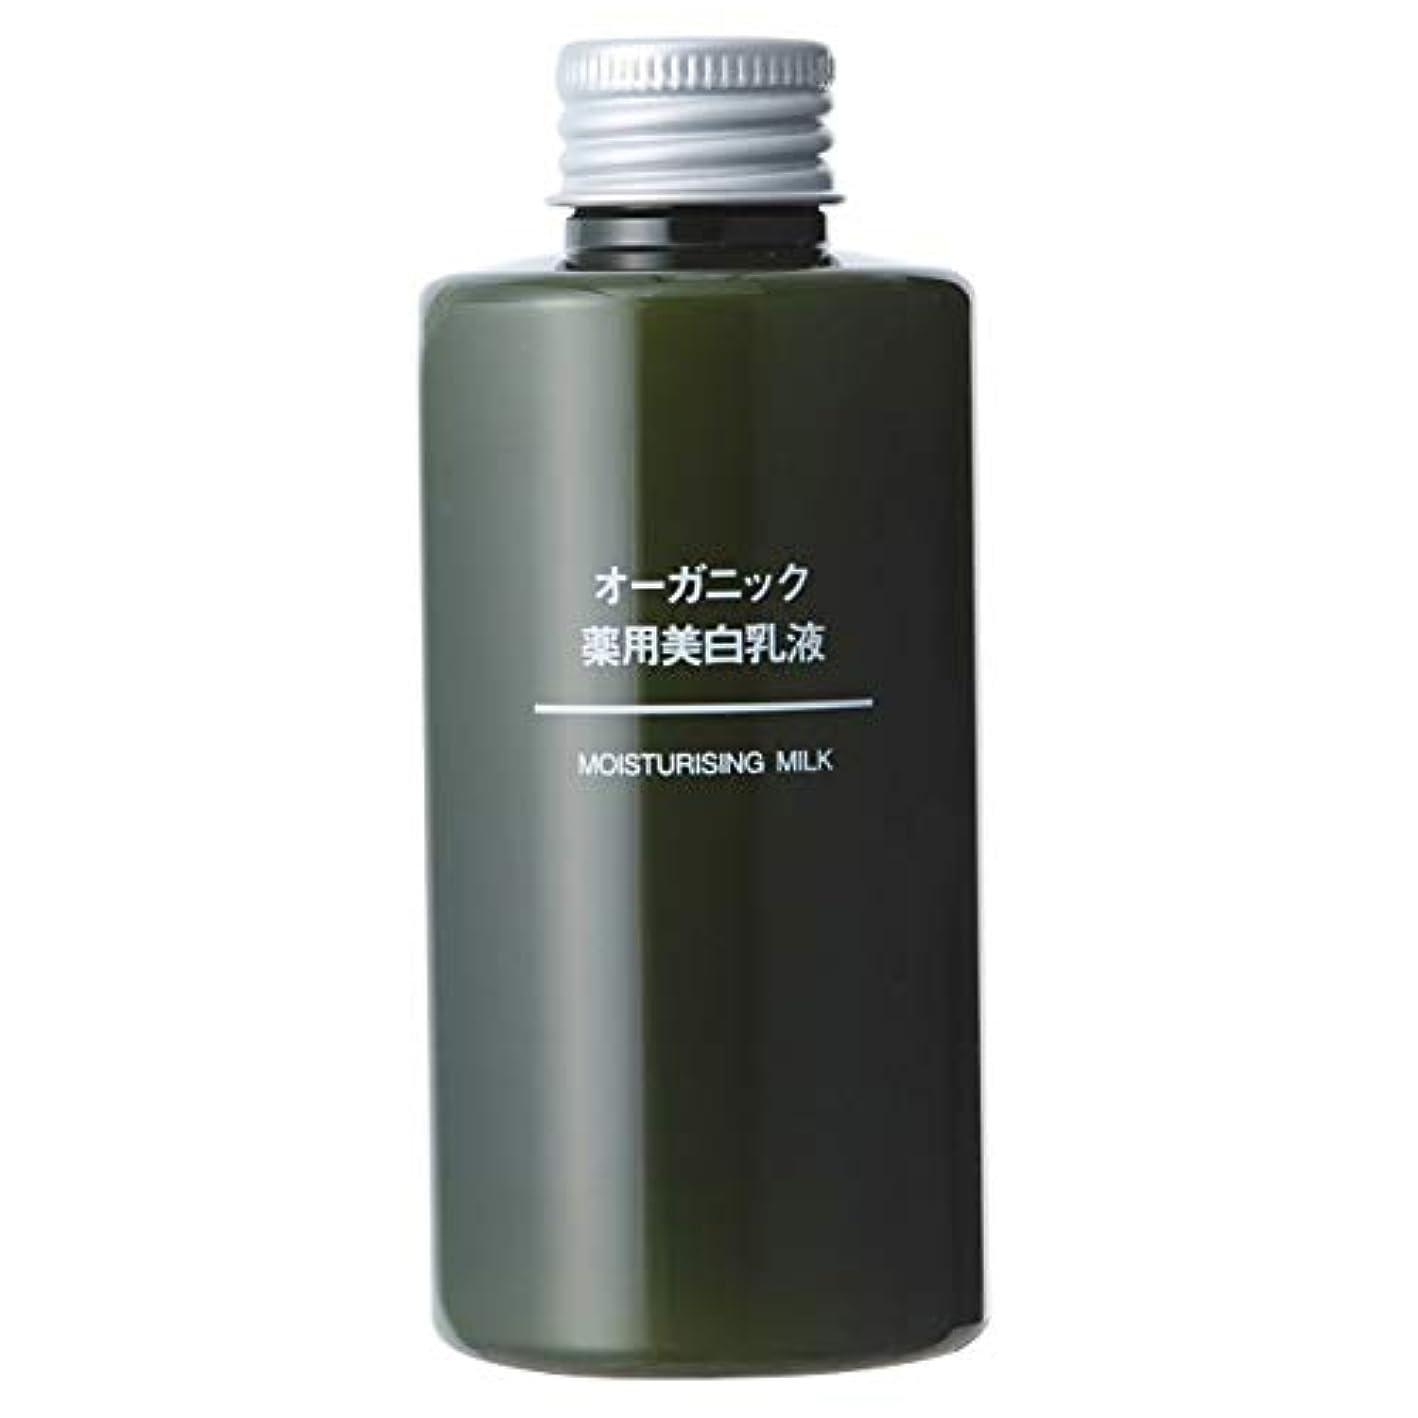 背骨希少性付ける無印良品 オーガニック薬用美白乳液 (新)150ml